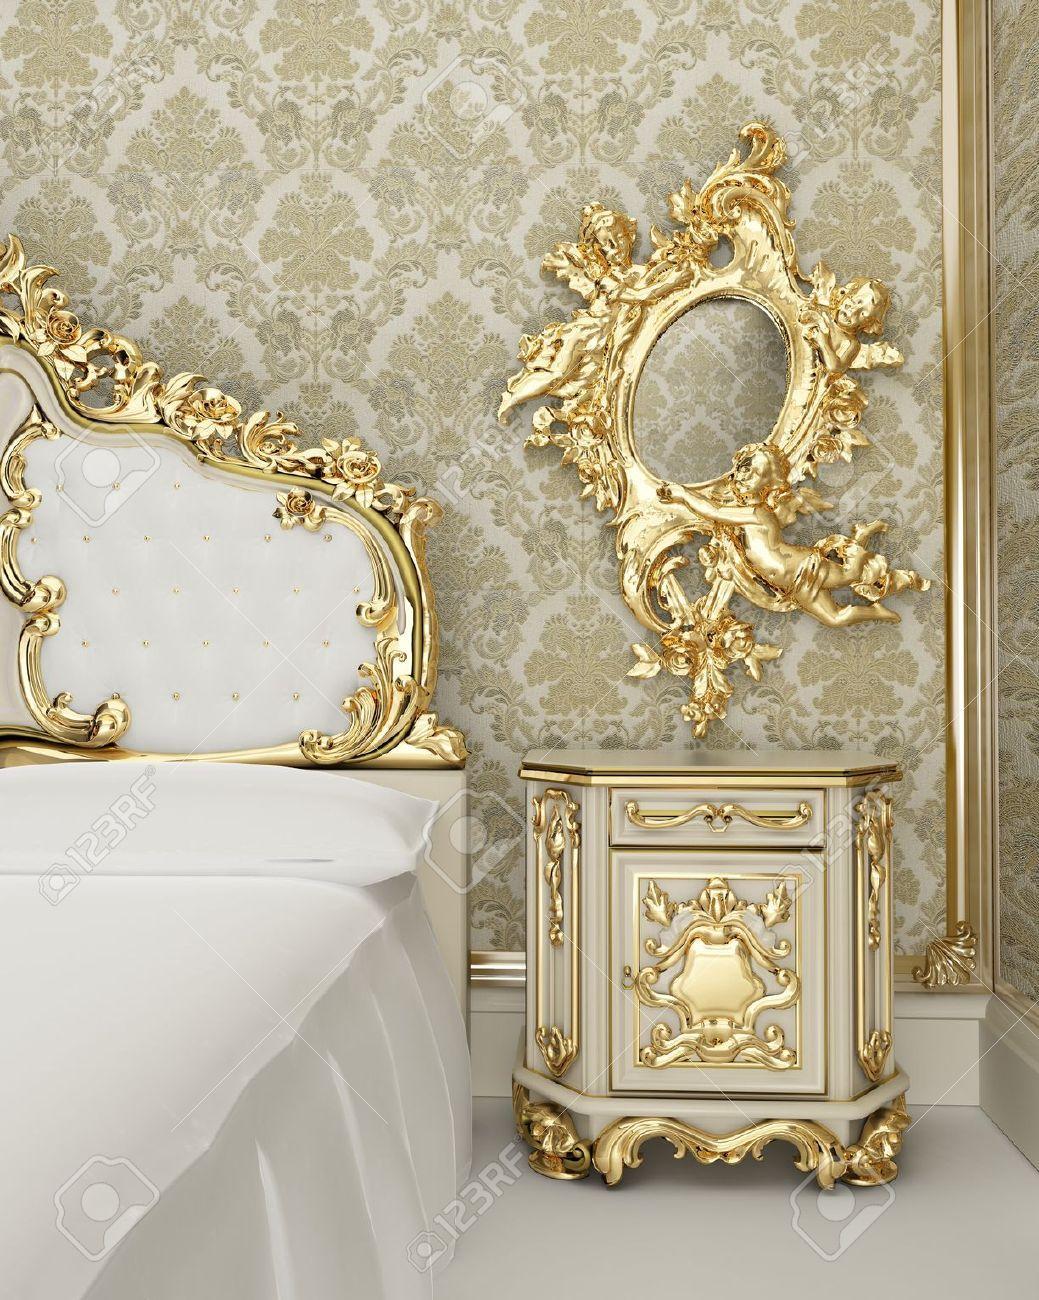 Cream and gold dormitorios muebles muebles de estilo - Dormitorio barroco ...